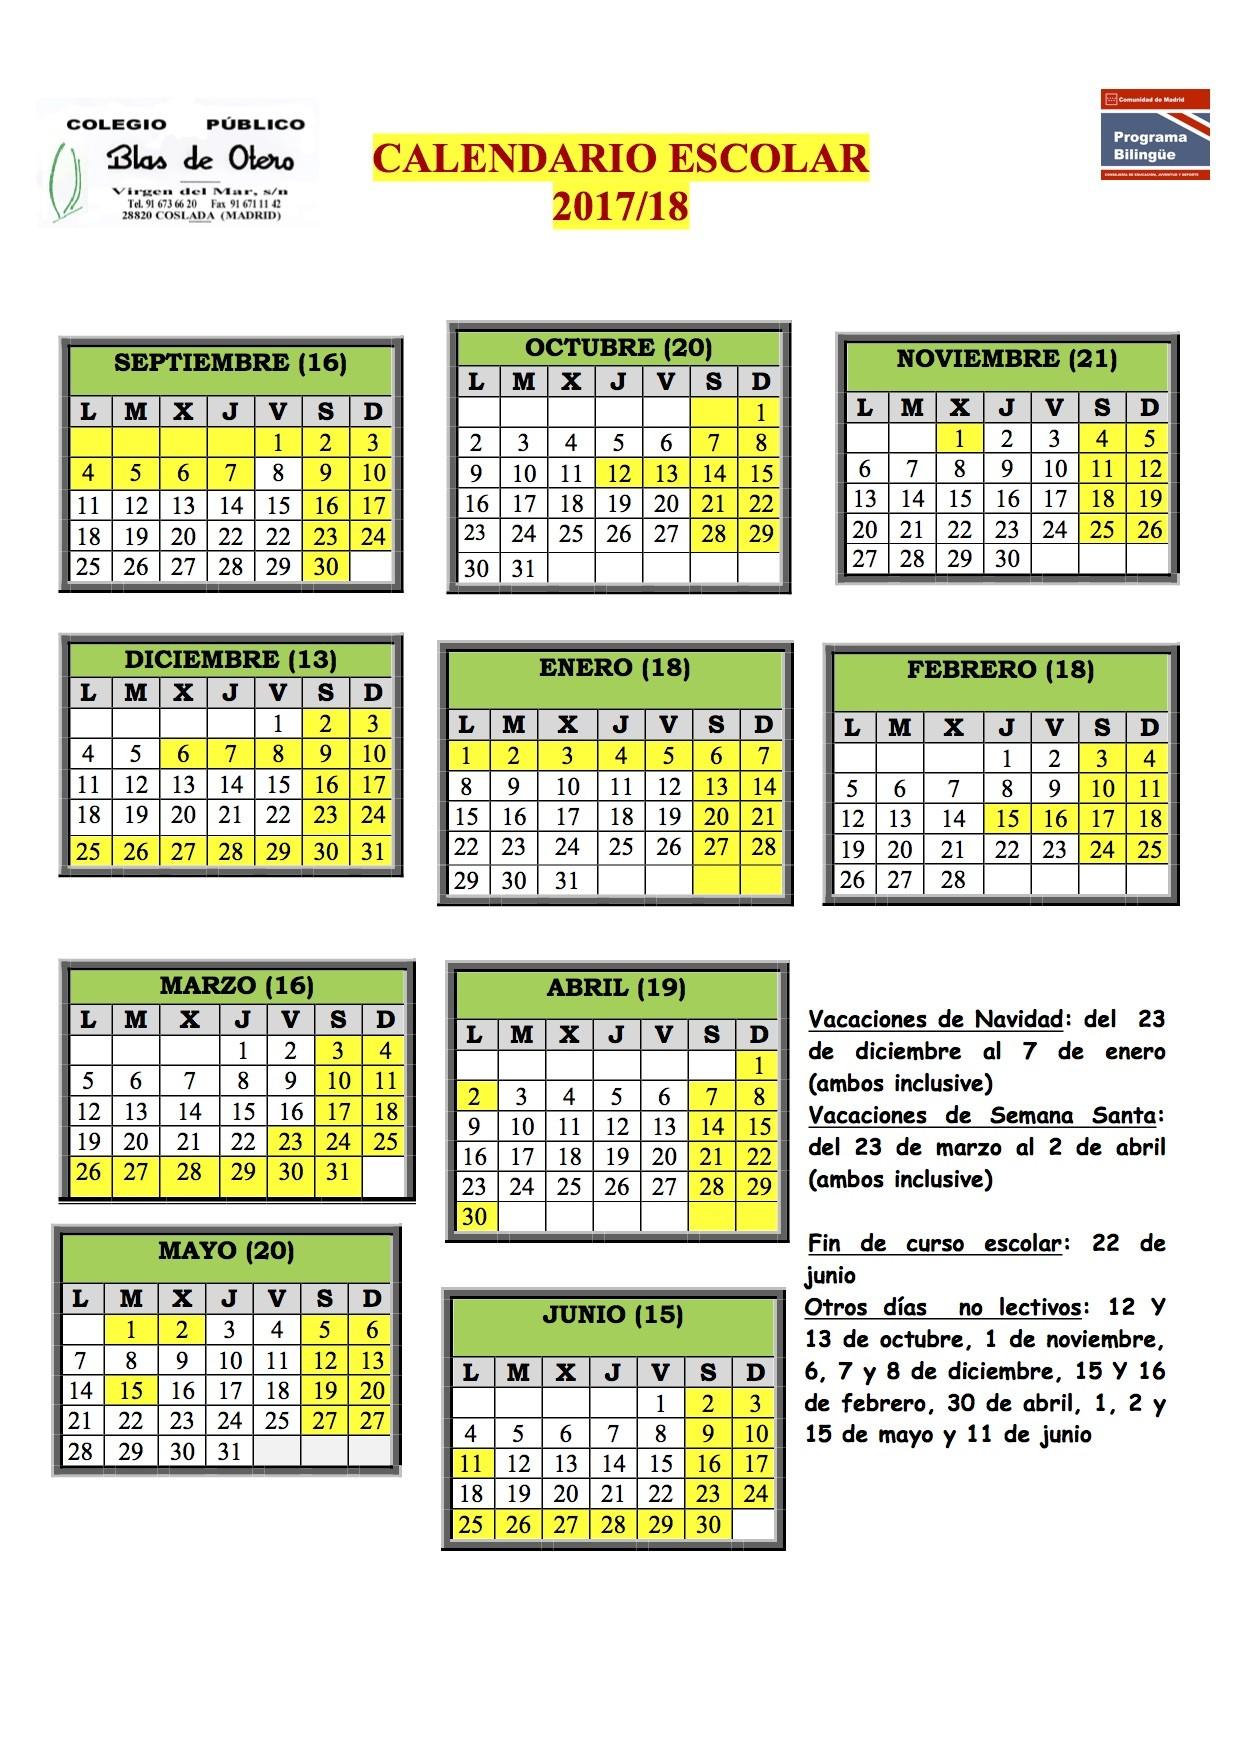 Calendario Escolar 2017 2018 – CP Blas de Otero